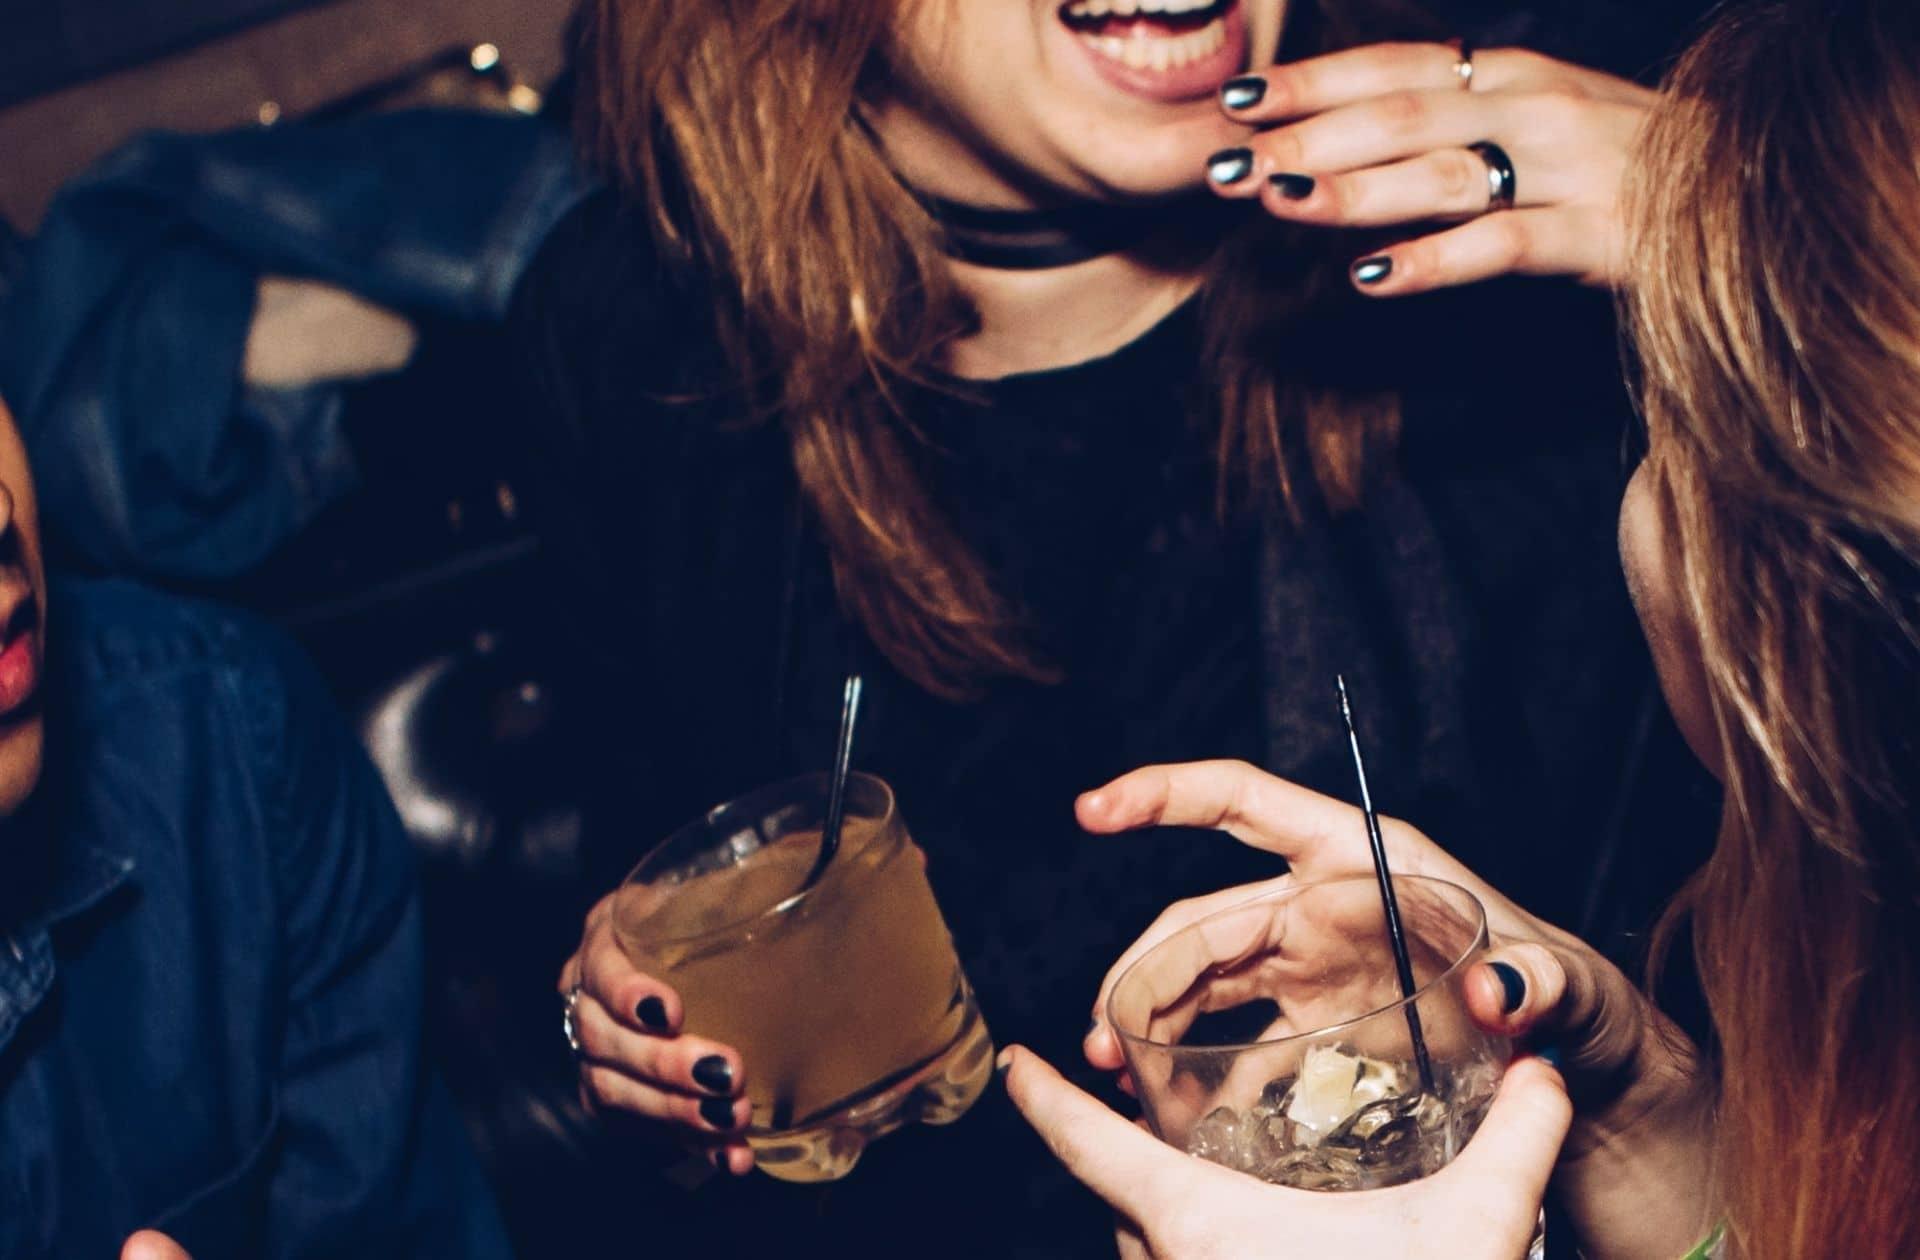 Comme trop d'étudiantes, je suis devenue alcoolique (et démunie face à cette addiction)